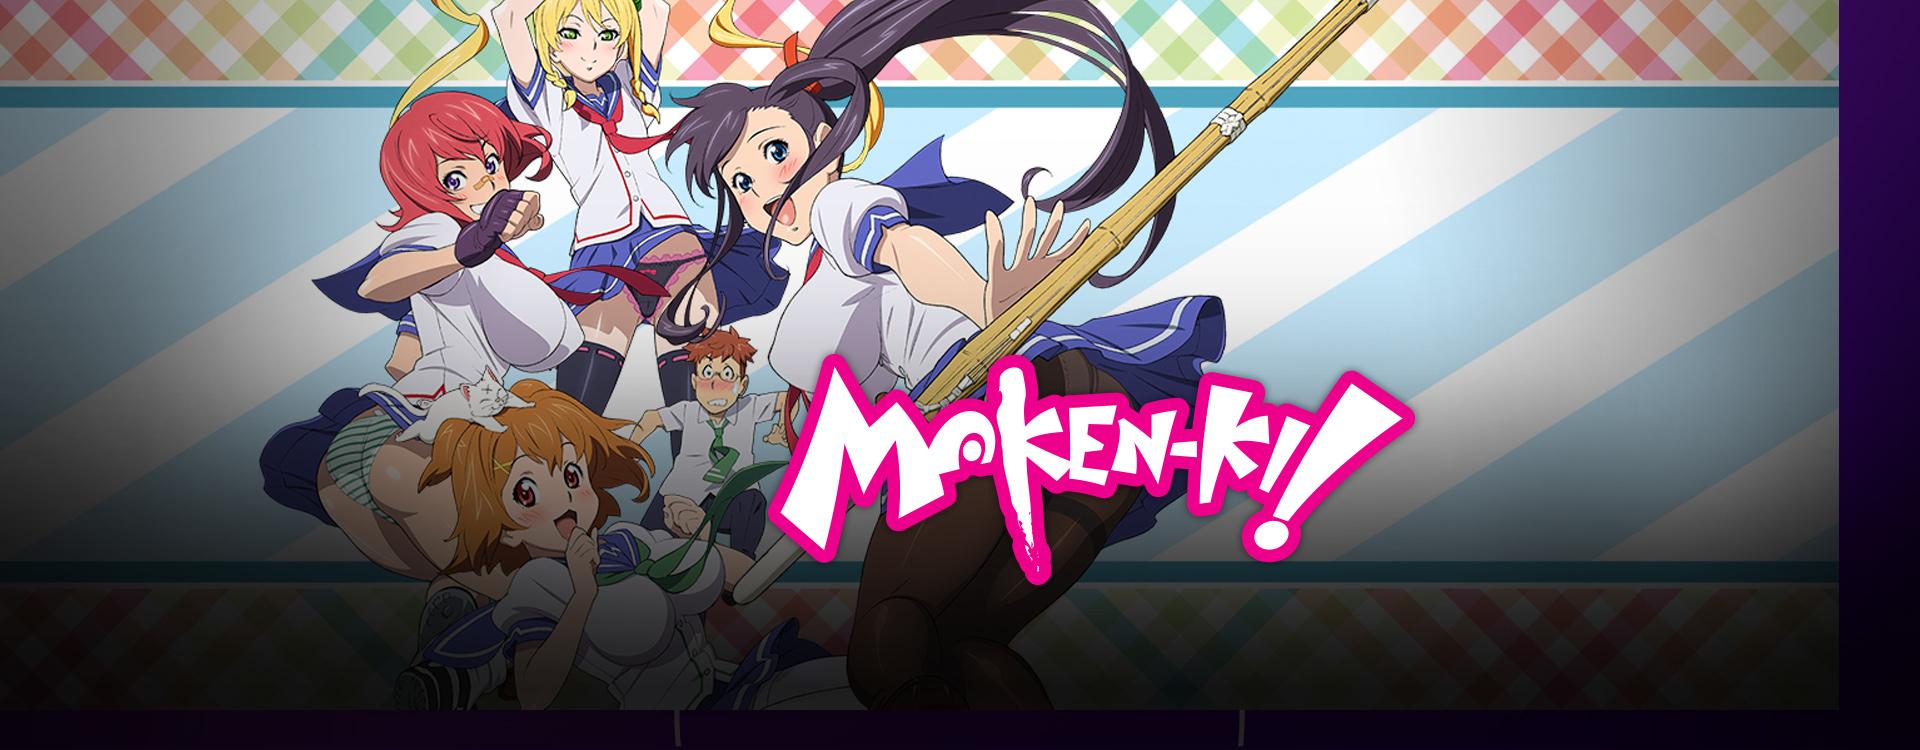 Laden sie anime ikkitousen sub indo mp4 herunter